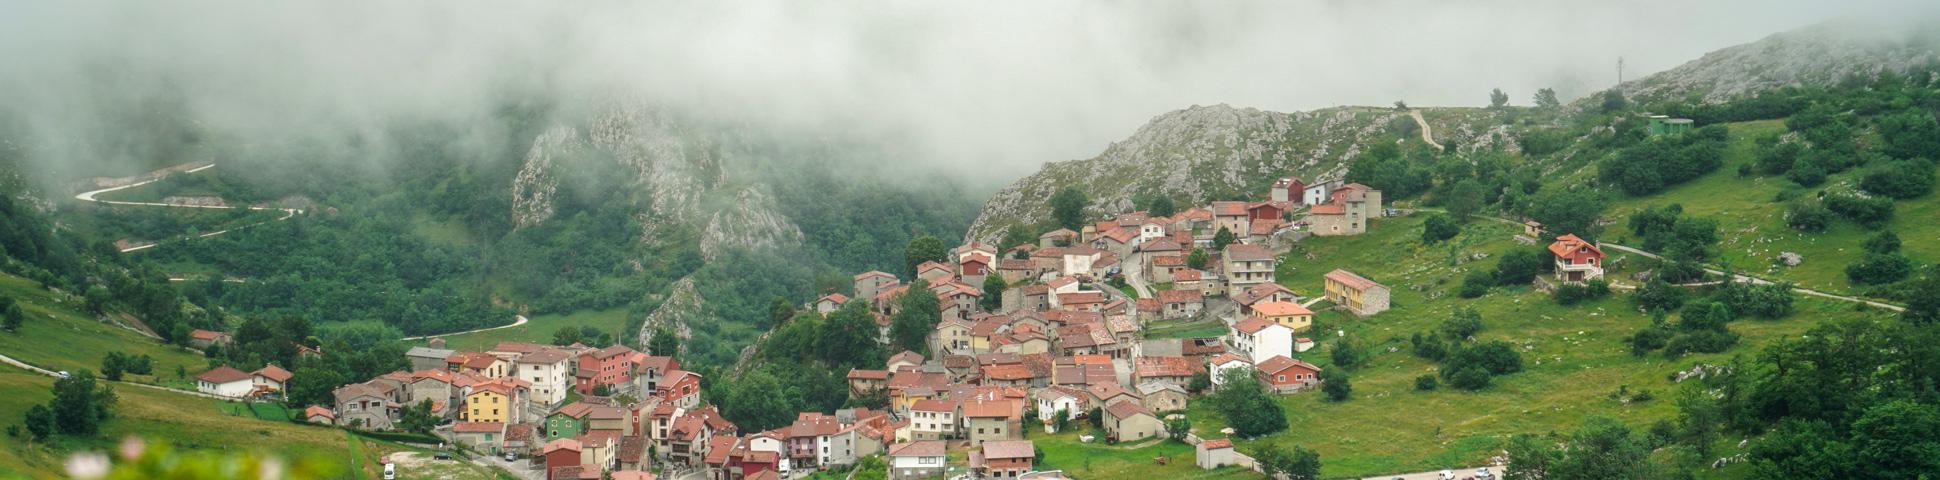 12-day Picos de Europa Mountain Trek